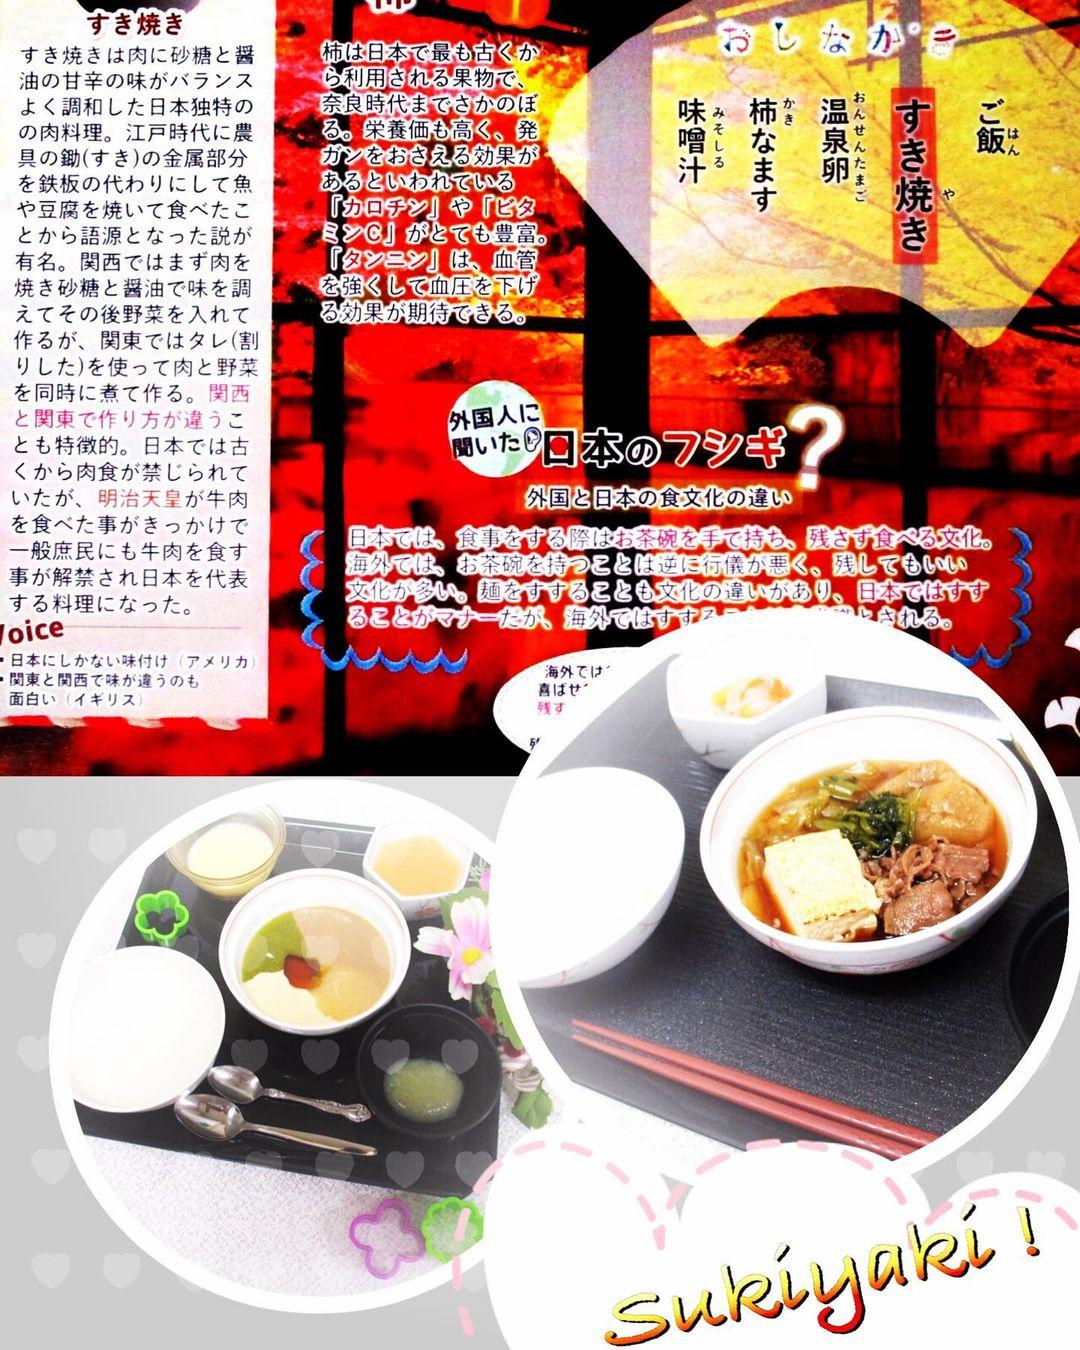 『イベント食・すきやき』